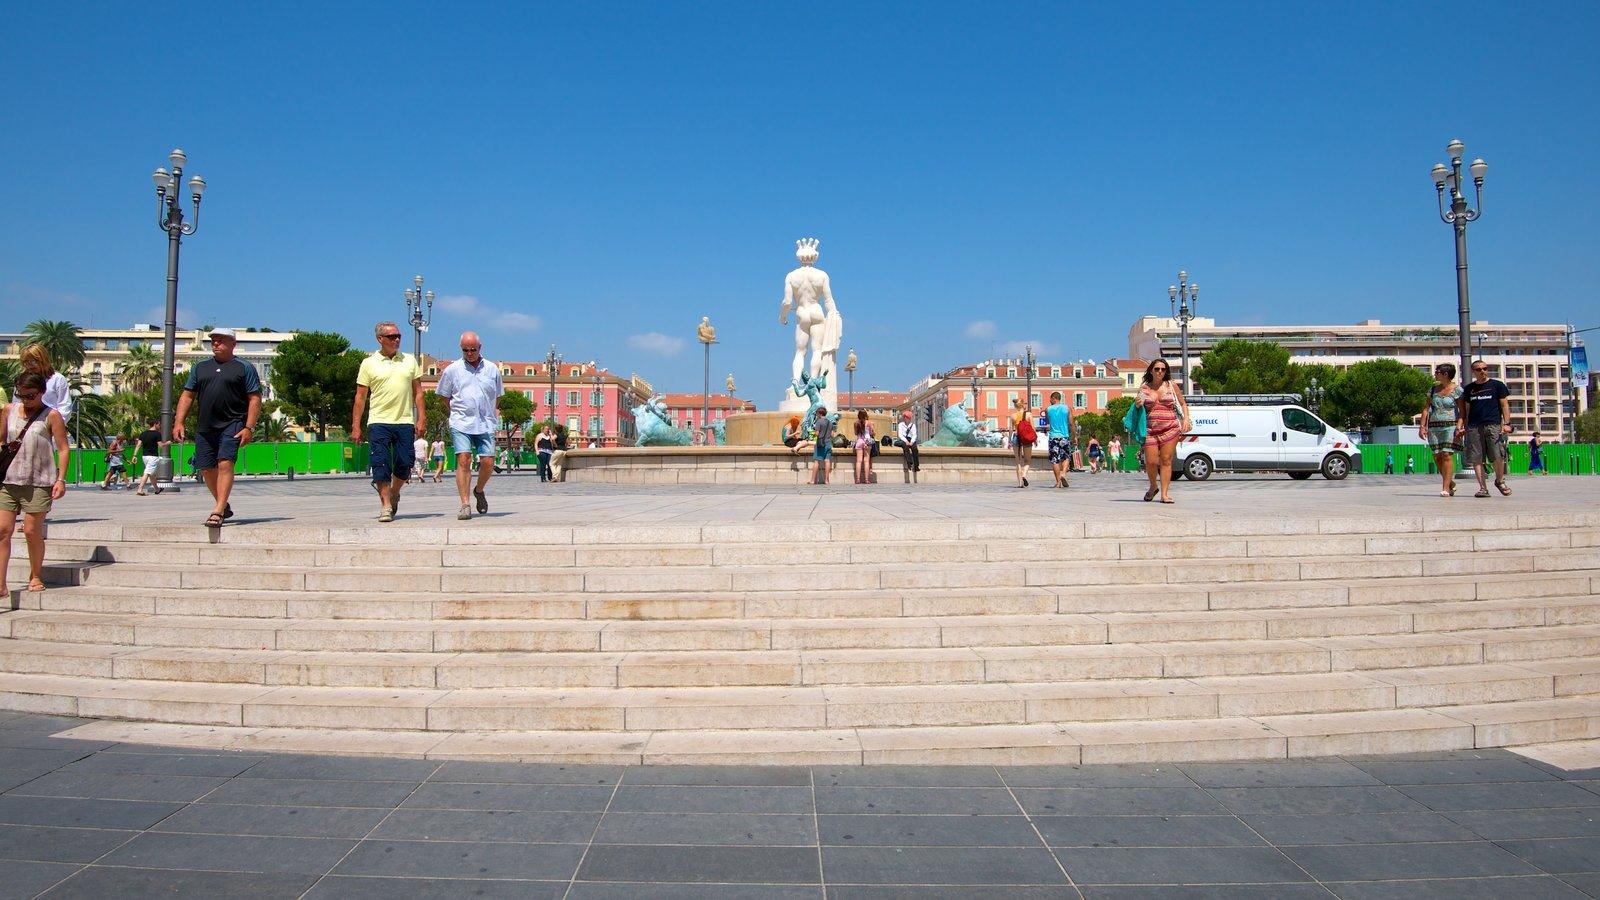 Praça Masséna caracterizando uma fonte, cenas de rua e uma estátua ou escultura